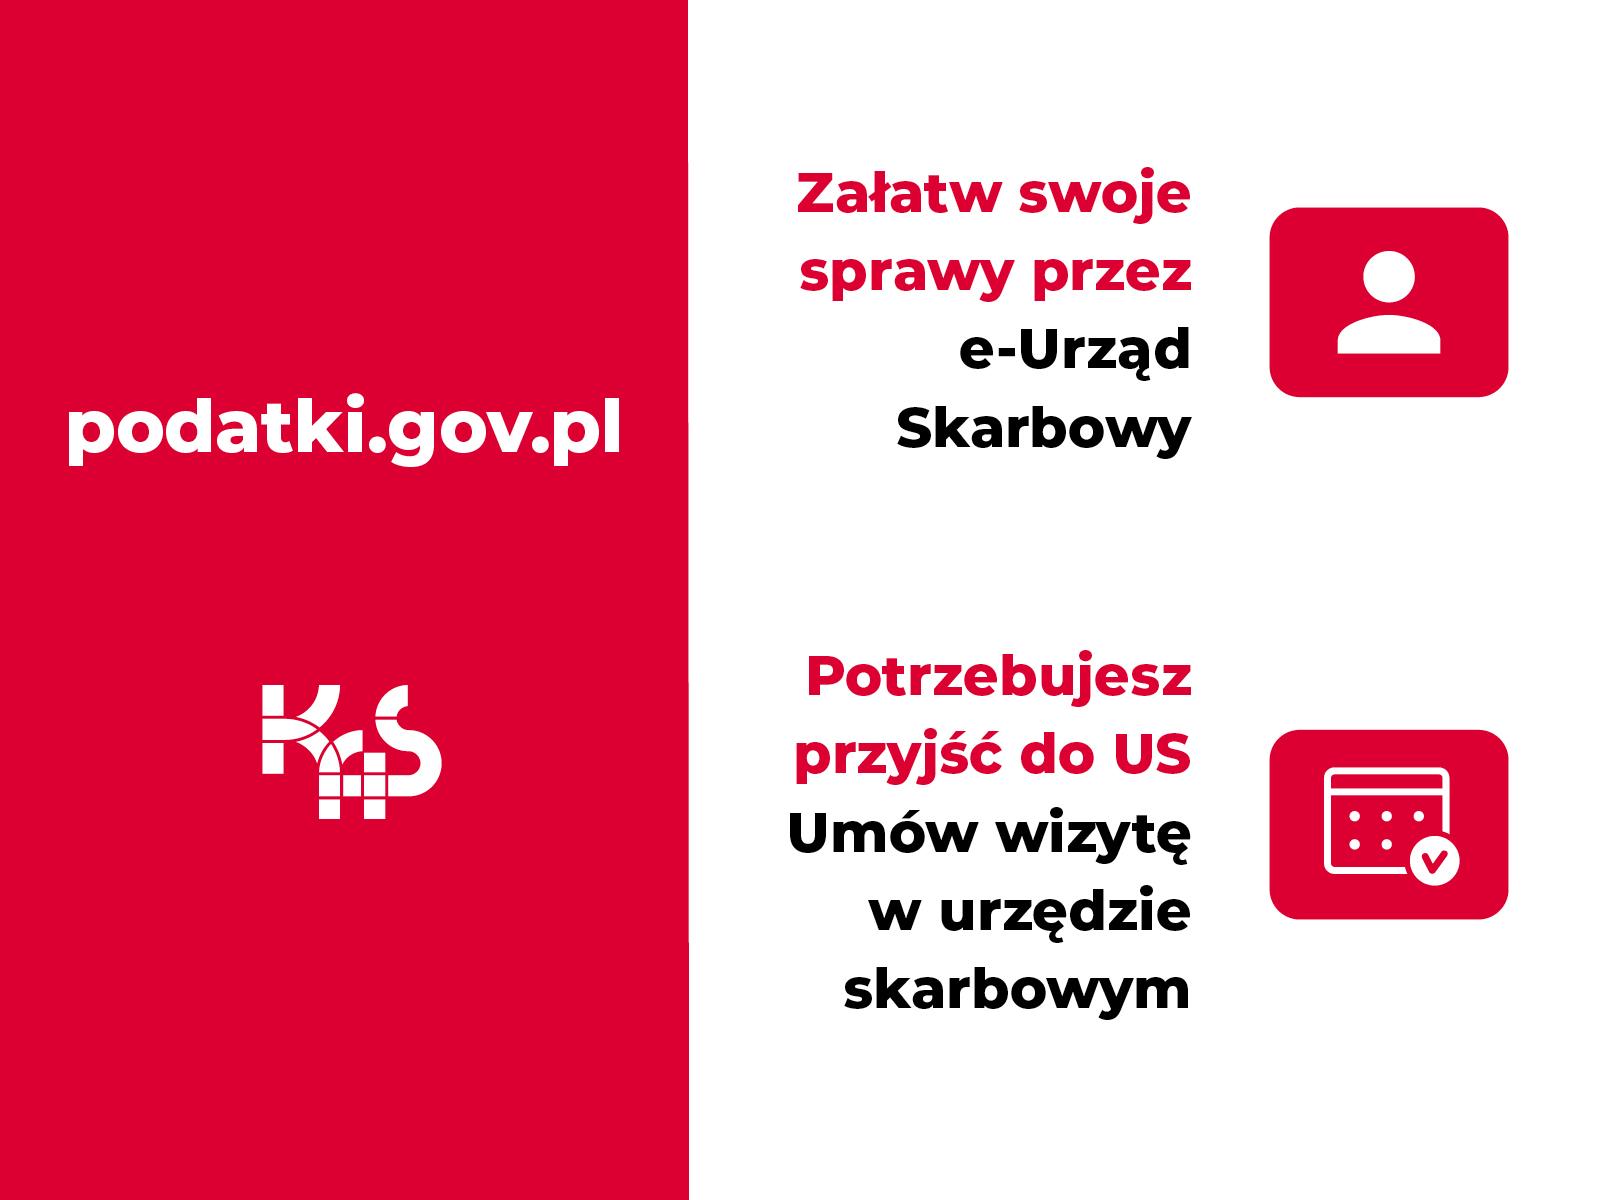 https://m.powiatszczycienski.pl/2021/04/orig/eus-mix-ost9-39762.jpg